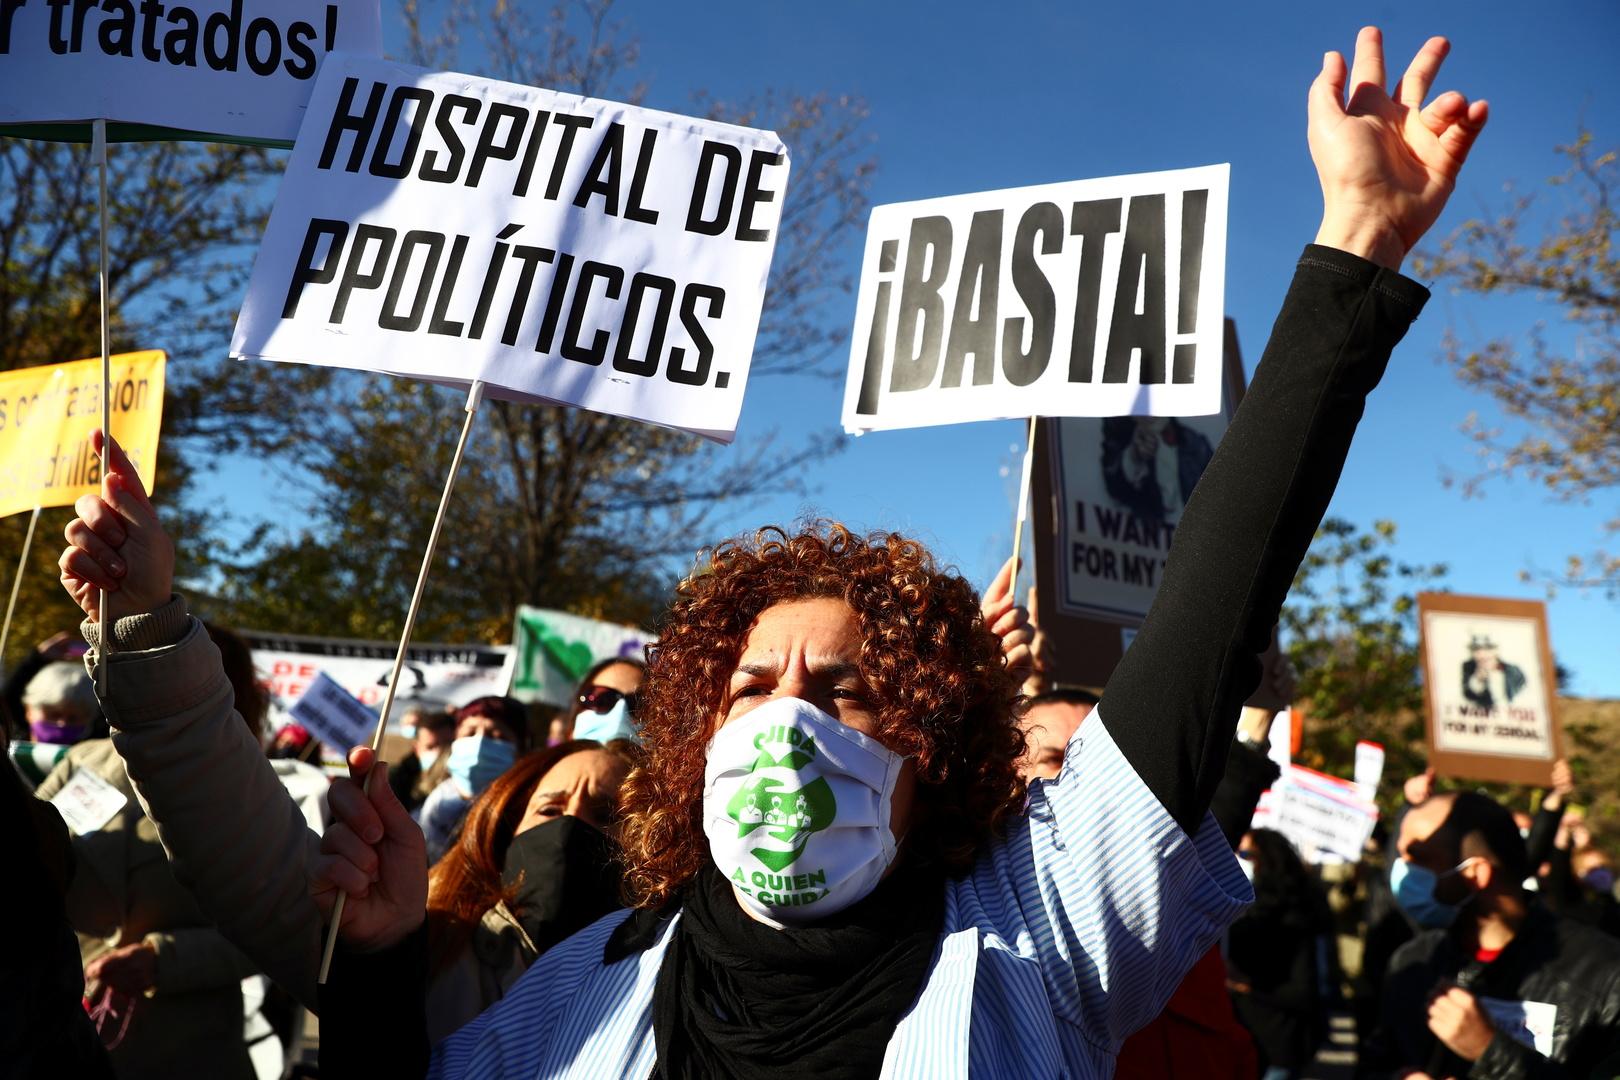 Le nouvel «hôpital des pandémies» suscite la polémique en Espagne